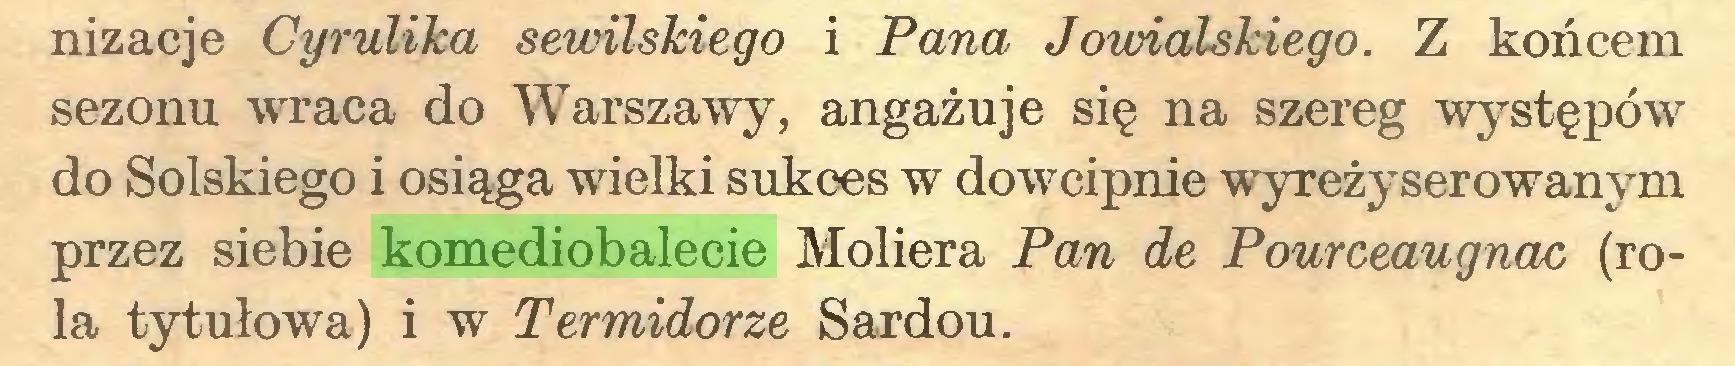 (...) nizacje Cyrulika sewilskiego i Pana Jowialskiego. Z końcem sezonu wraca do Warszawy, angażuje się na szereg występów do Solskiego i osiąga wielki sukces w dowcipnie wyreżyserowanym przez siebie komediobalecie Moliera Pan de Pourceaugnac (rola tytułowa) i w Termidorze Sardou...